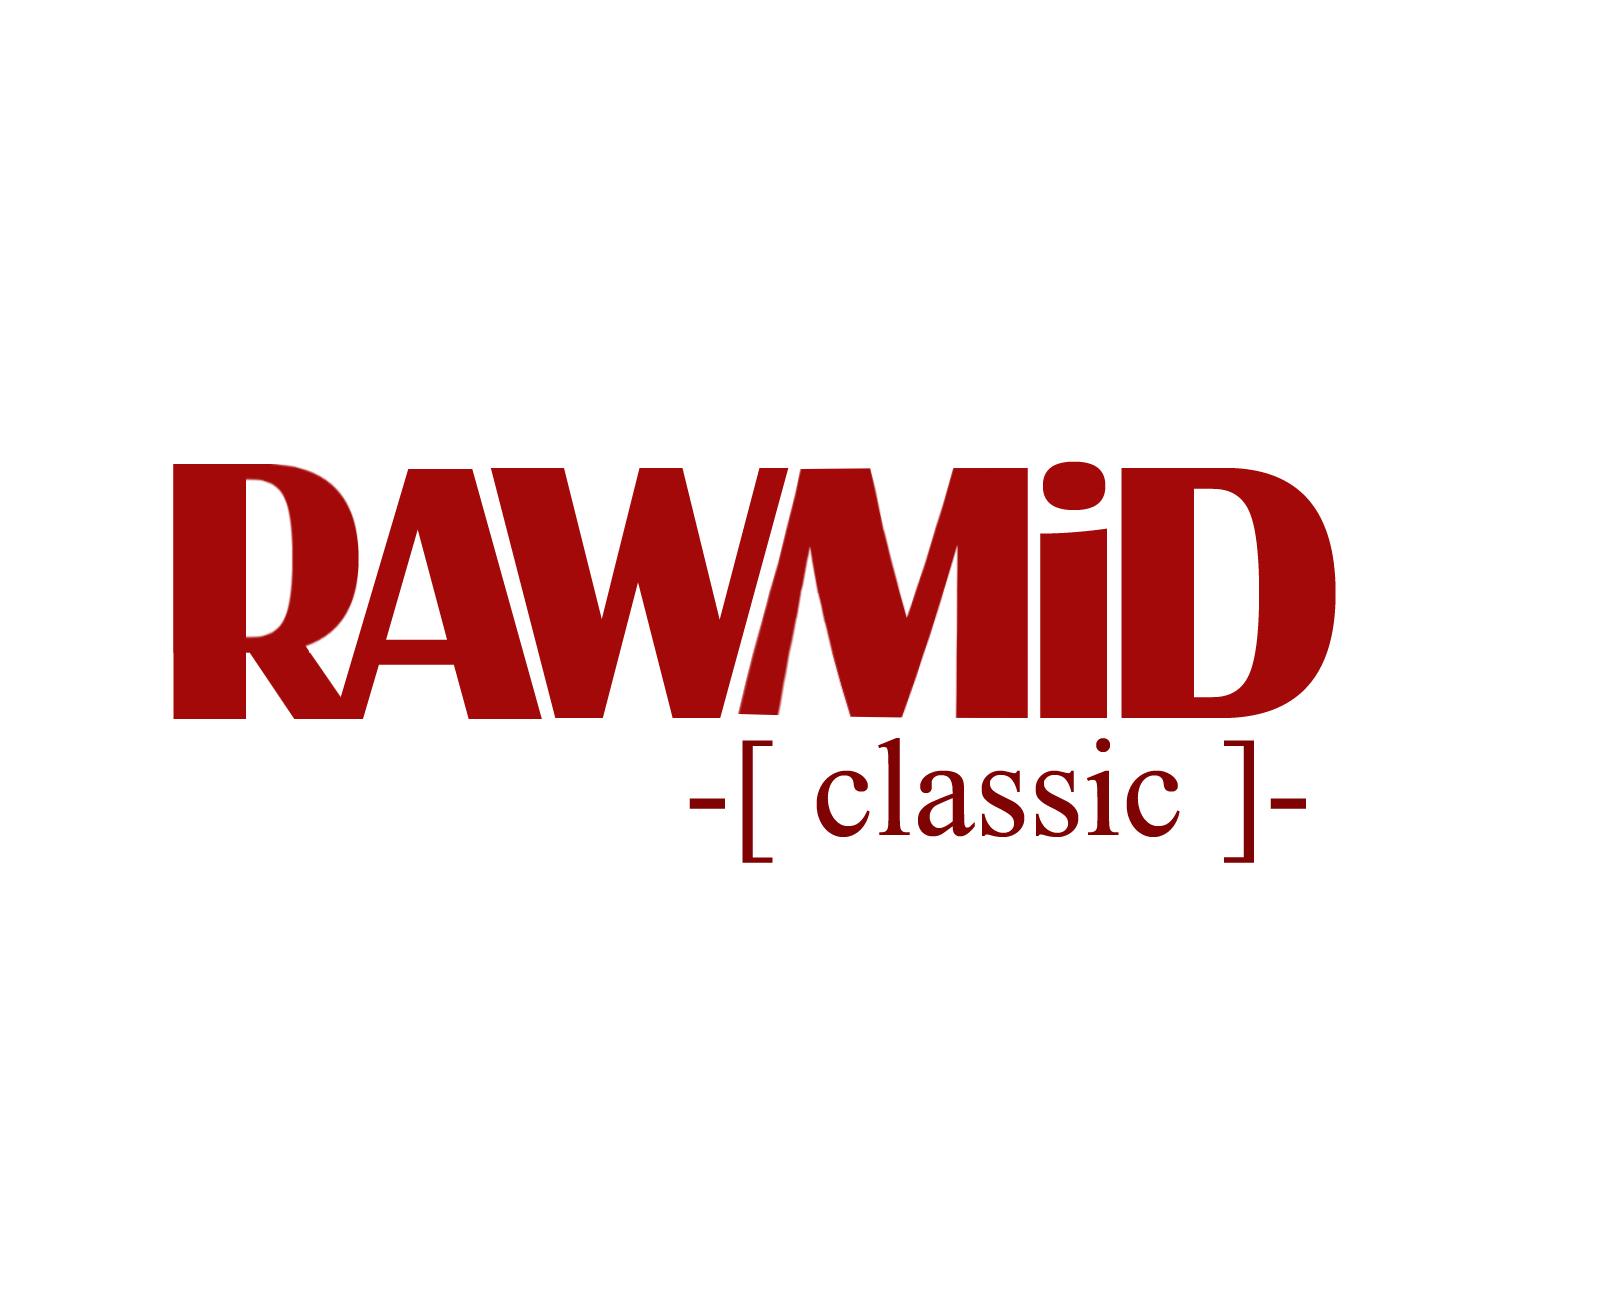 Создать логотип (буквенная часть) для бренда бытовой техники фото f_2085b42e95d5f362.jpg